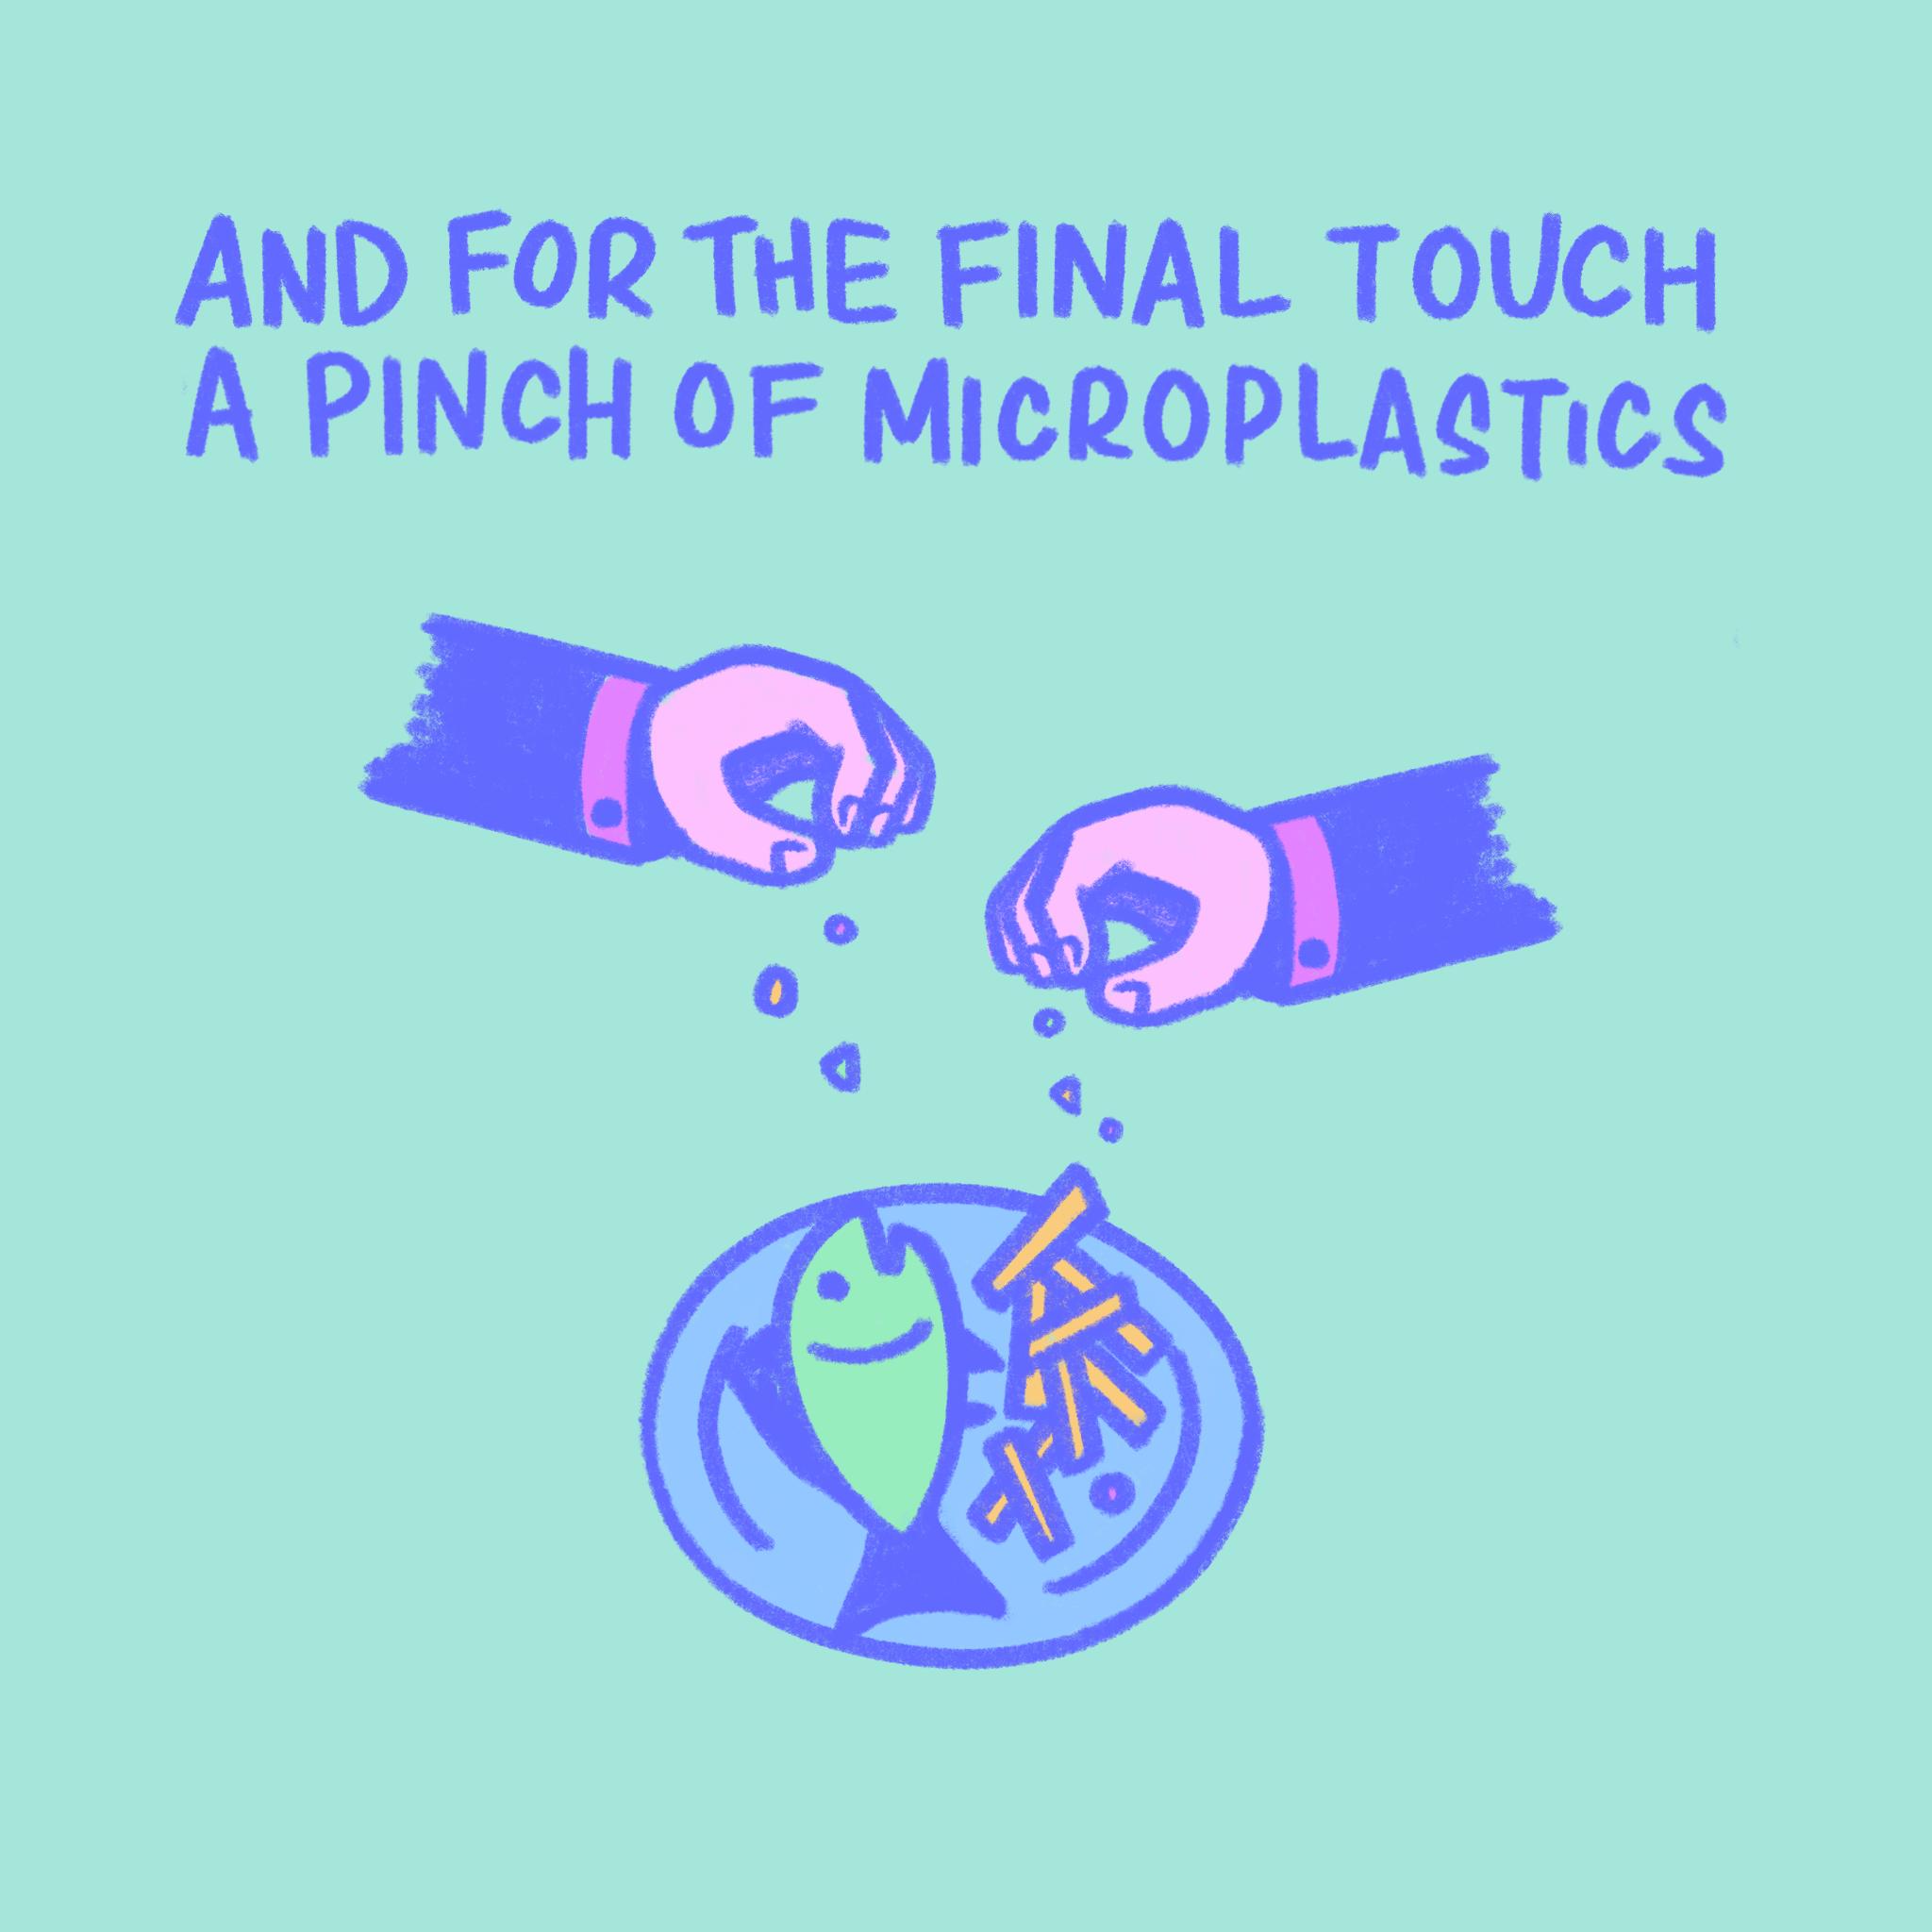 pinchofmicrobg.png